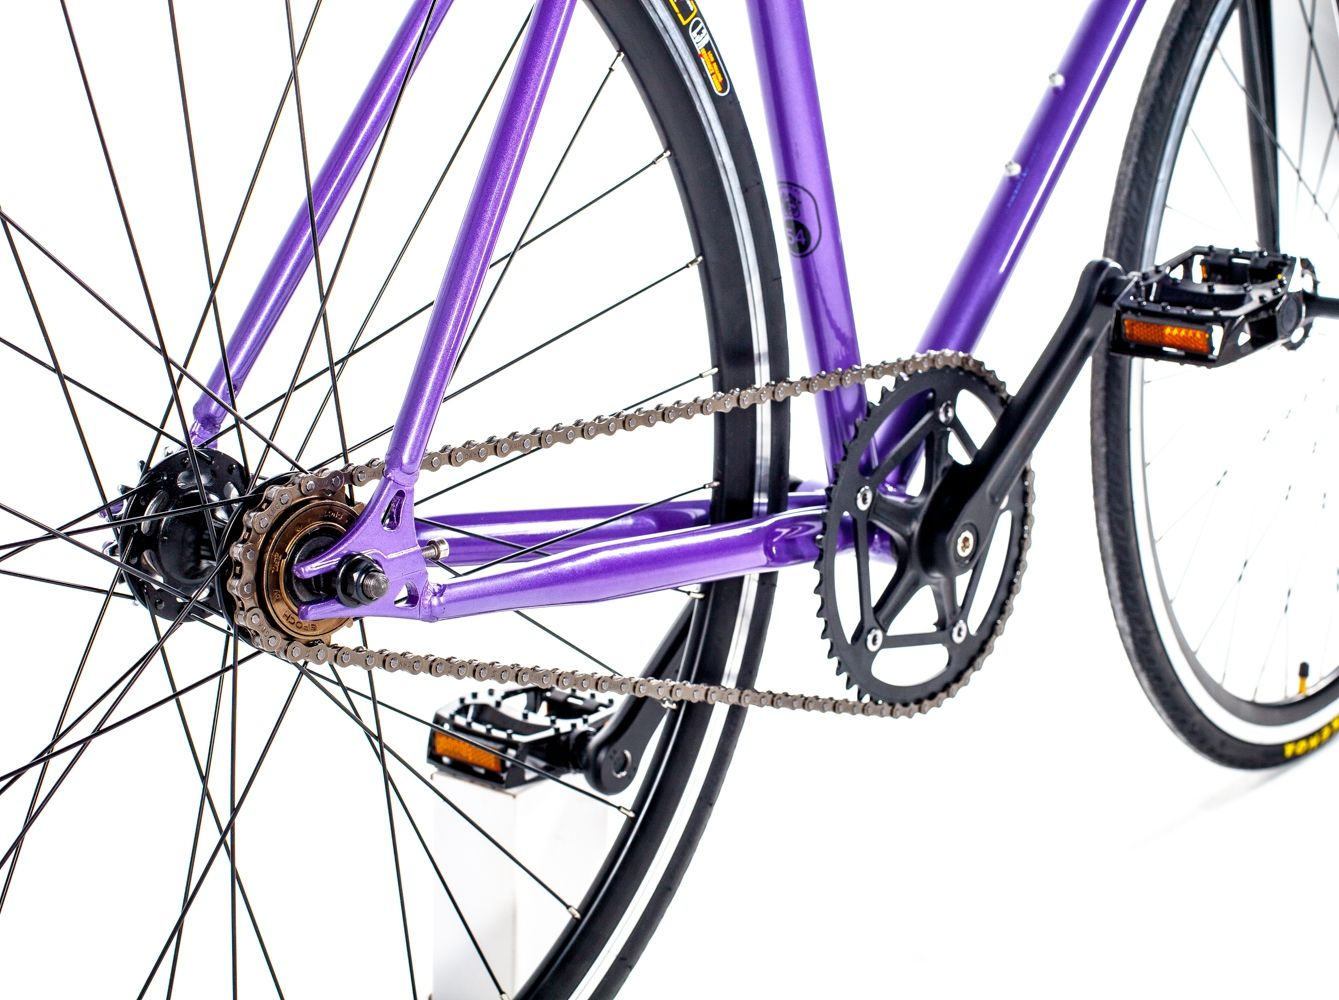 Fixed gear bike— велосипед для удовольствия с фиксированной передачей